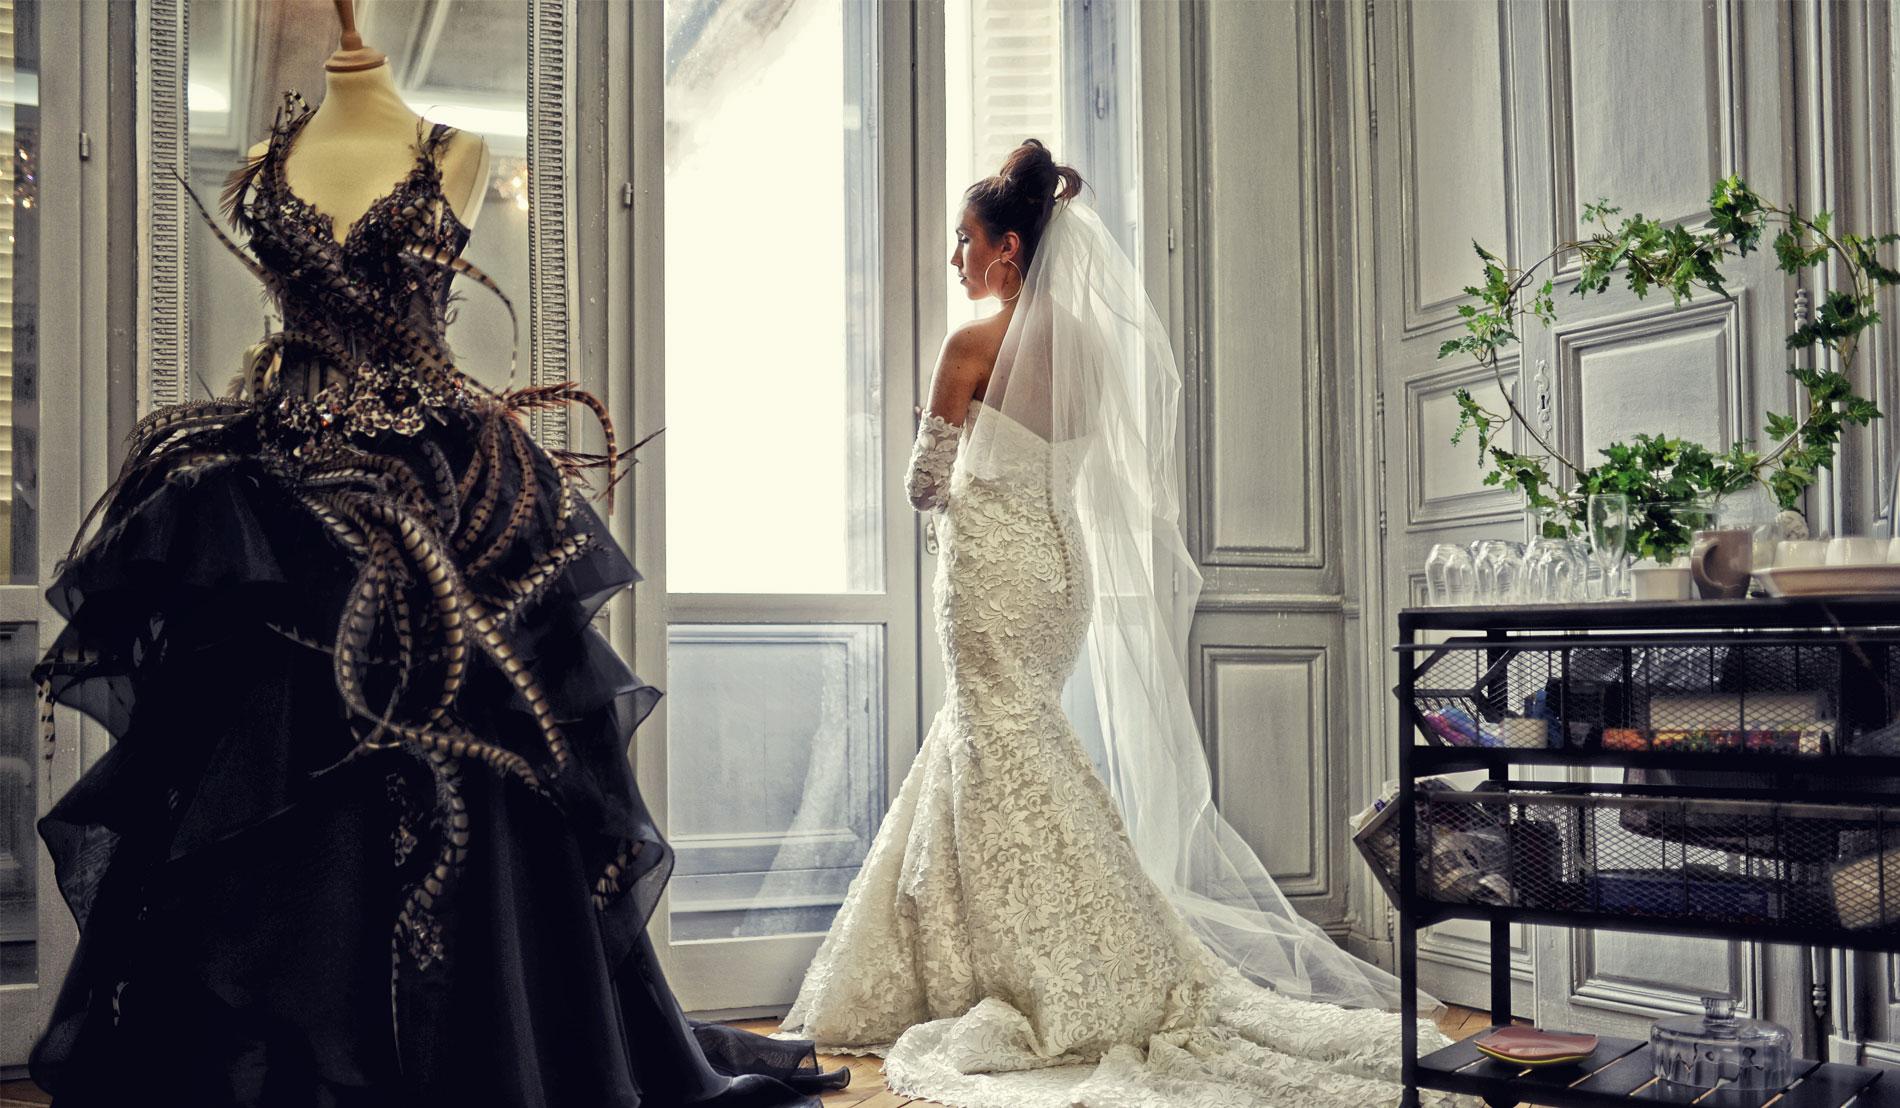 Robe de mariee dijon rue d'auxonne